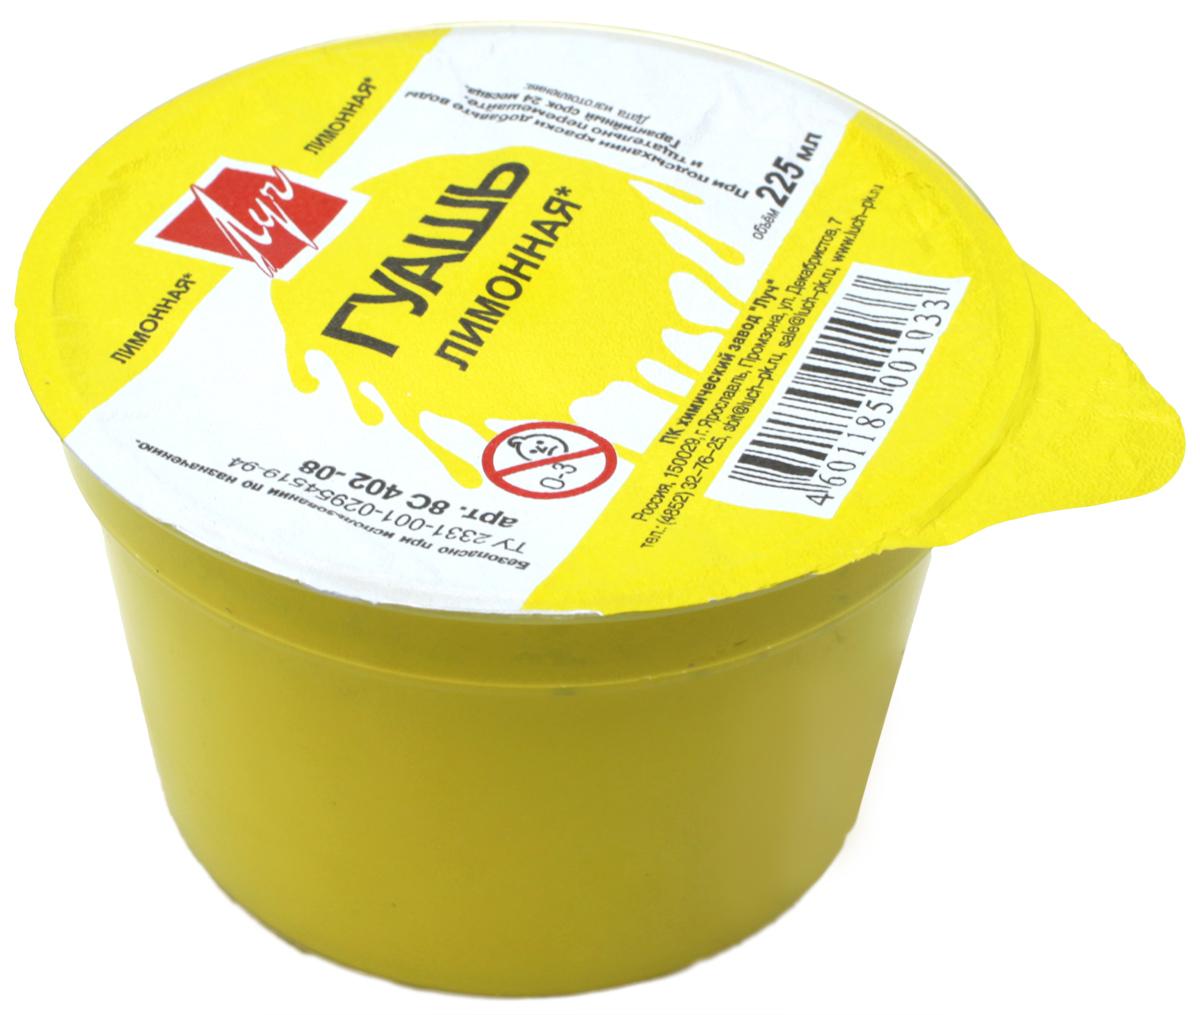 Луч Гуашь цвет лимонный 225 мл125008Гуашевая краска идеальна для живописных, декоративных работ и графики. Она легко наносится на бумагу, картон и грунтованный холст. При высыхании приобретает бархатистую поверхность и легко размывается водой. Прозрачная, водоразбавляемая, быстро сохнет.Масса: 320 г.